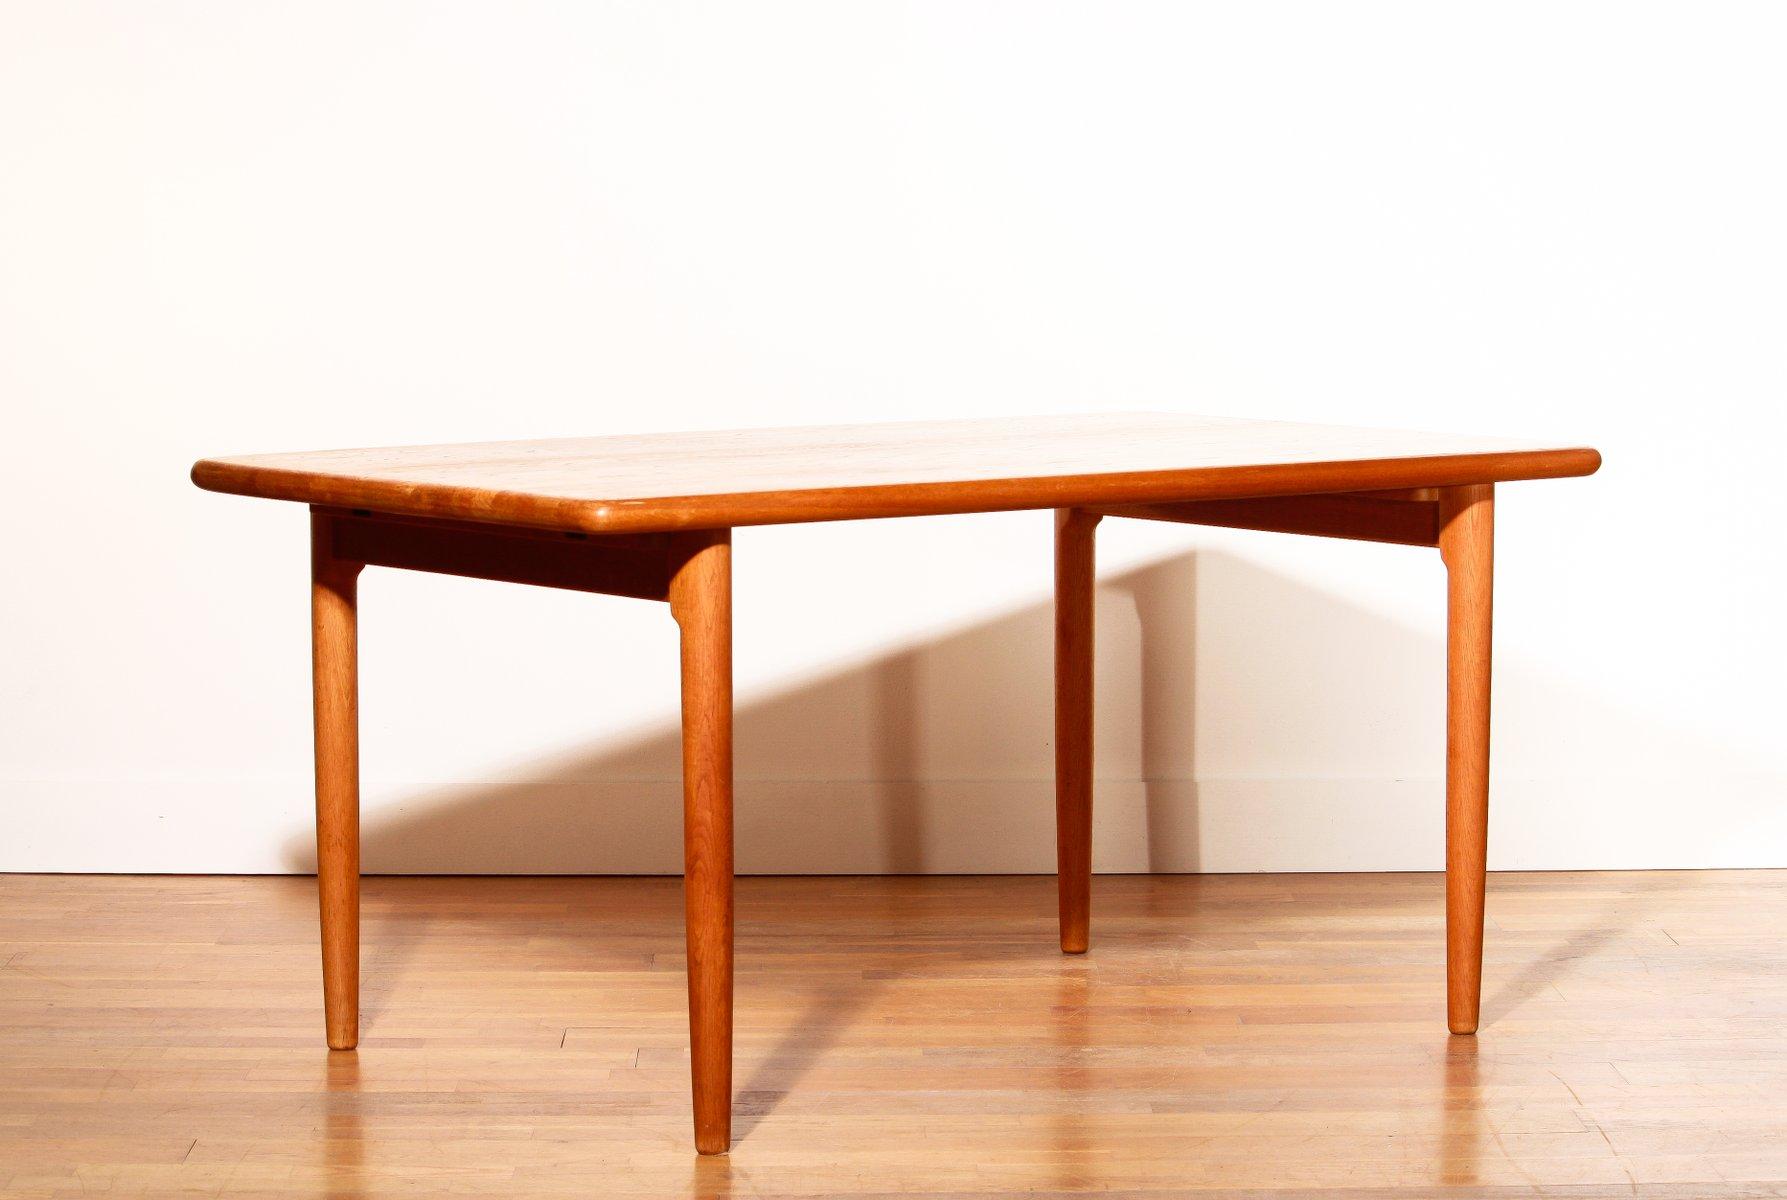 d nischer eichenholz esstisch von niels otto m ller f r jl. Black Bedroom Furniture Sets. Home Design Ideas